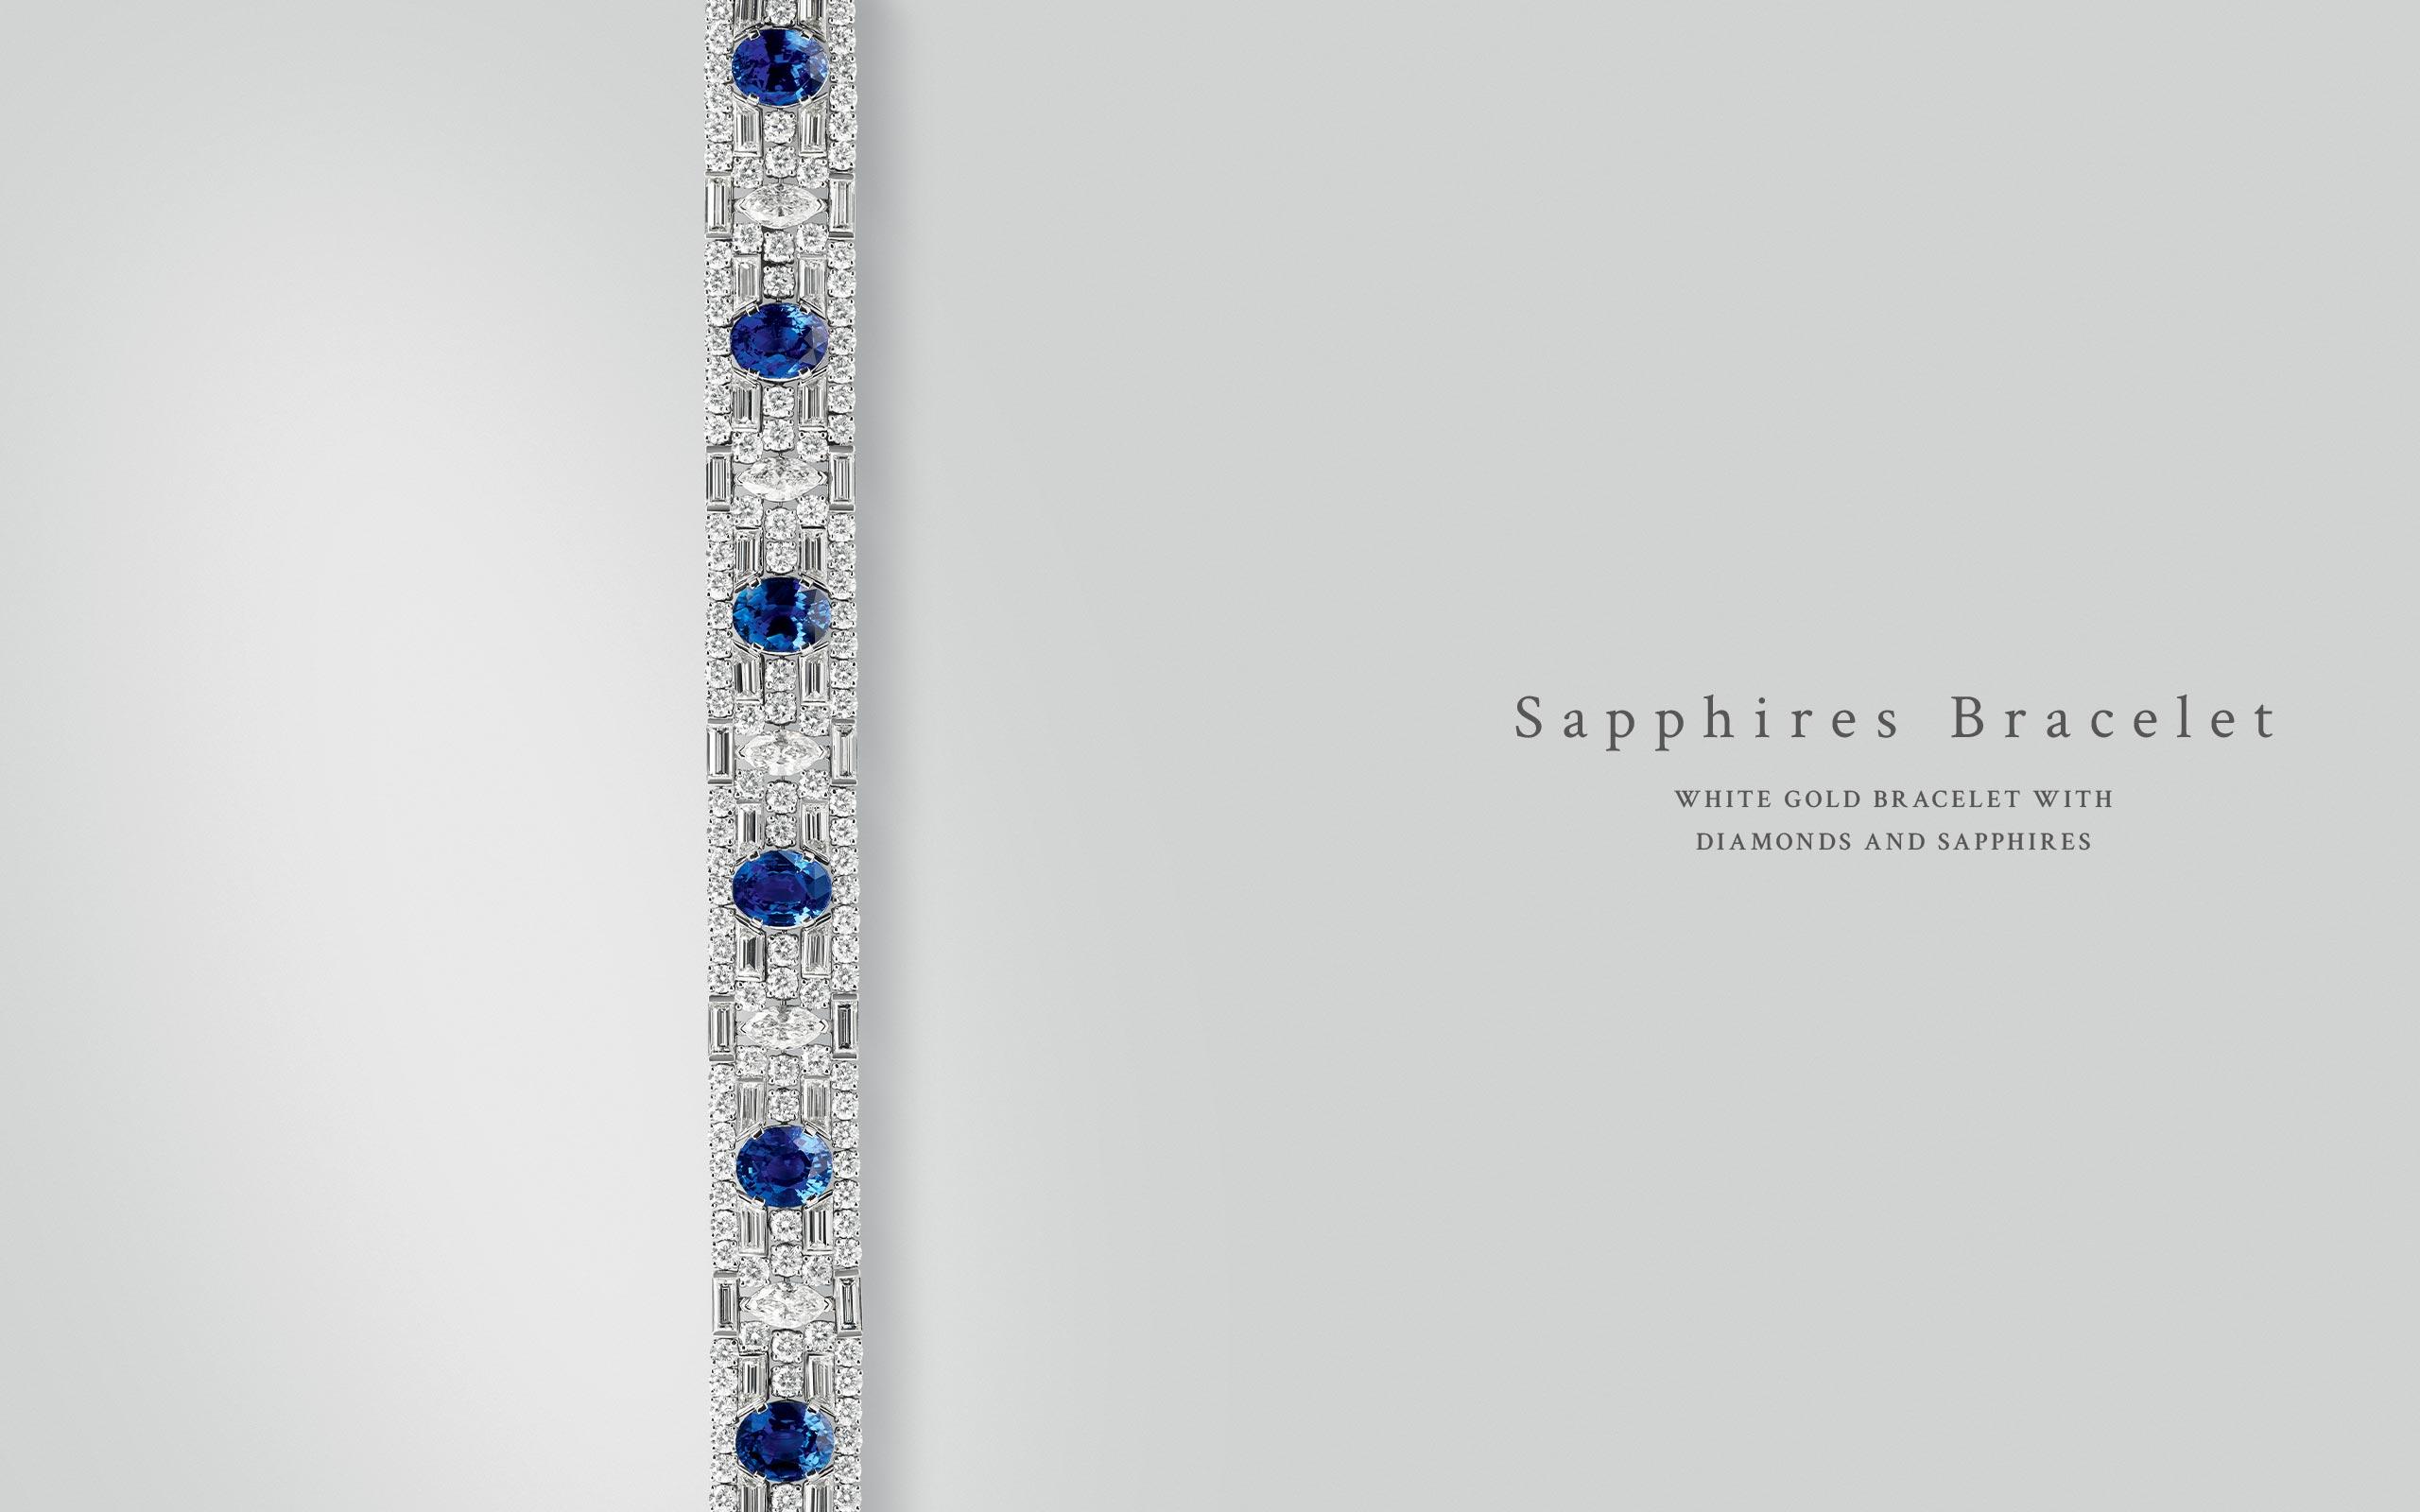 Sapphires Bracelet 03 | Maria Gaspari